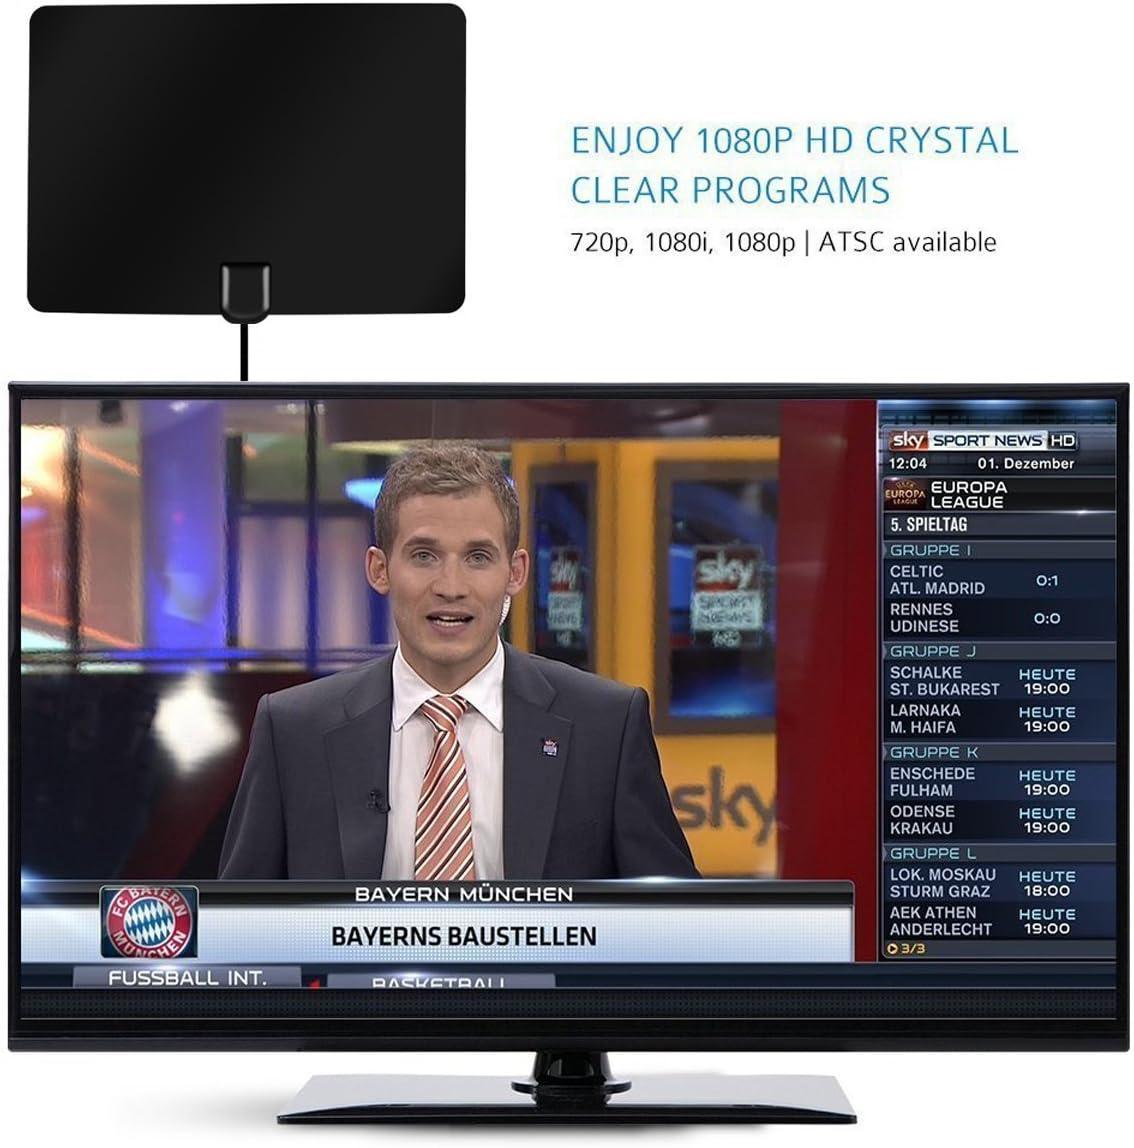 Antena de TV Interior,Bestlinktech Amplificador Antena Digital HDTV,50 Millas Gama de Recepción, 5M Cable Alto Rendimiento,Ultra Delgado Amplificador de Señal Removible: Amazon.es: Electrónica